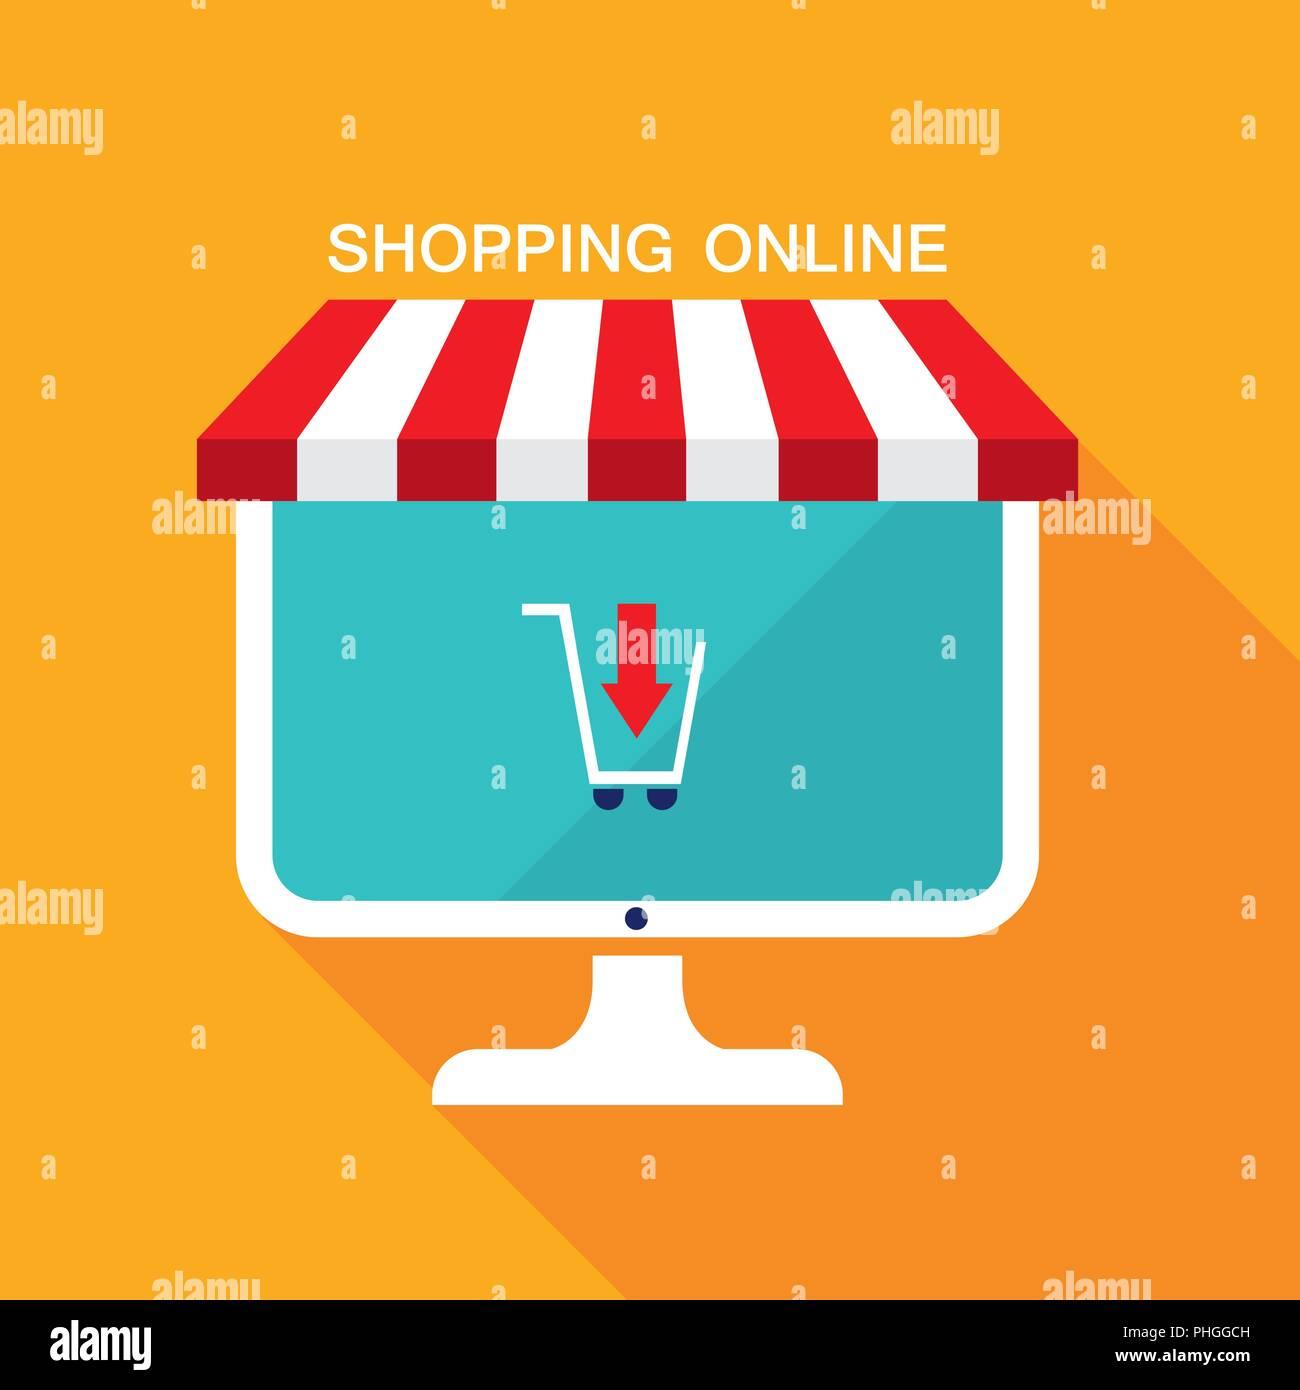 E-Commerce-Geschäft Konzept. Online Shop, Verkauf, Produkte kaufen. Stock Vektor